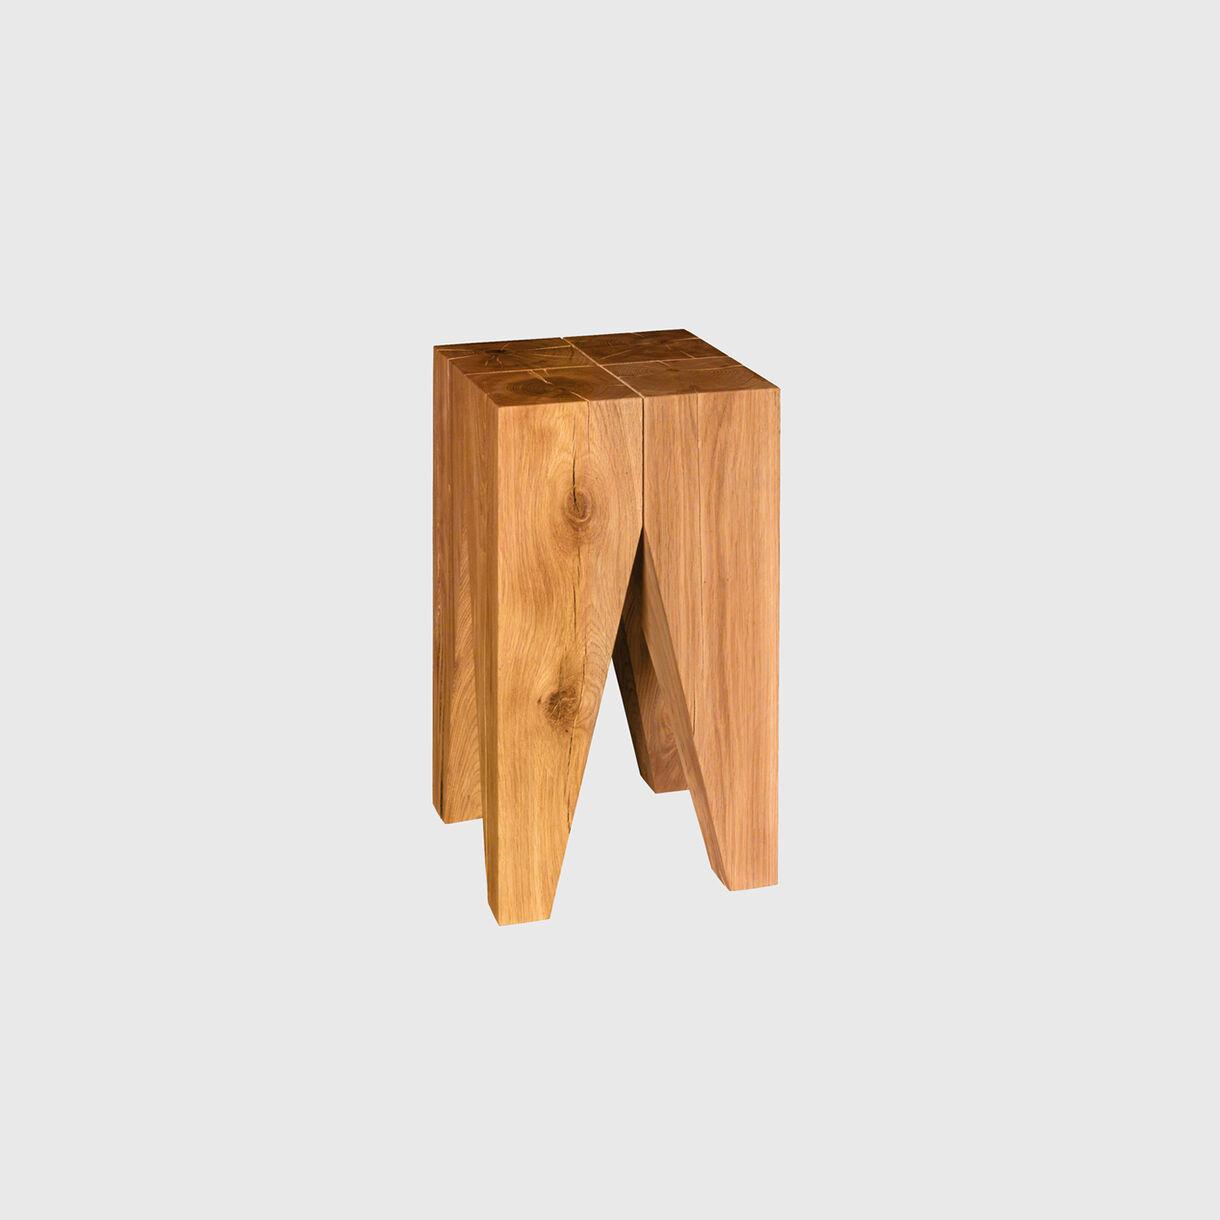 Backenzahn Side Table in Oak